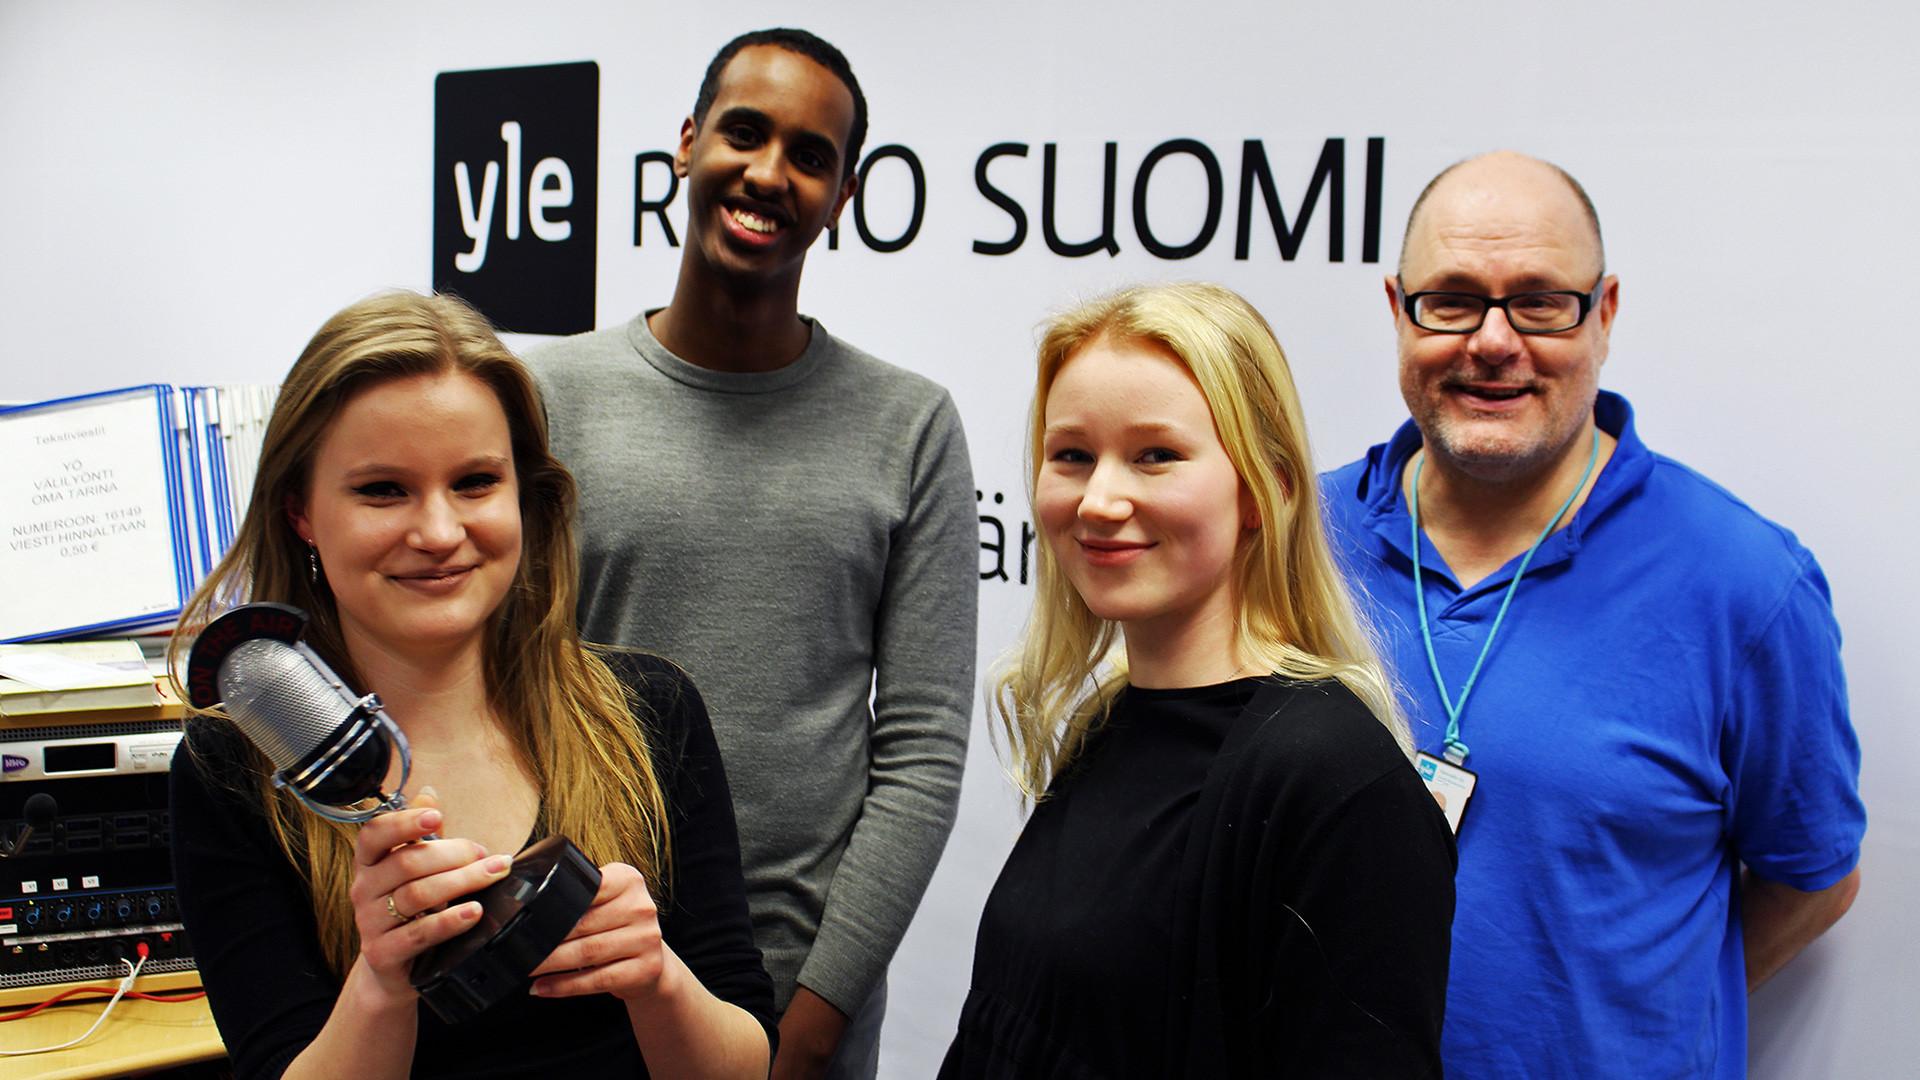 Yle Uutisluokan Pyöreä pöytä | Itsenäisyyspäivä Radio Suomessa | Radio | Areena | yle.fi